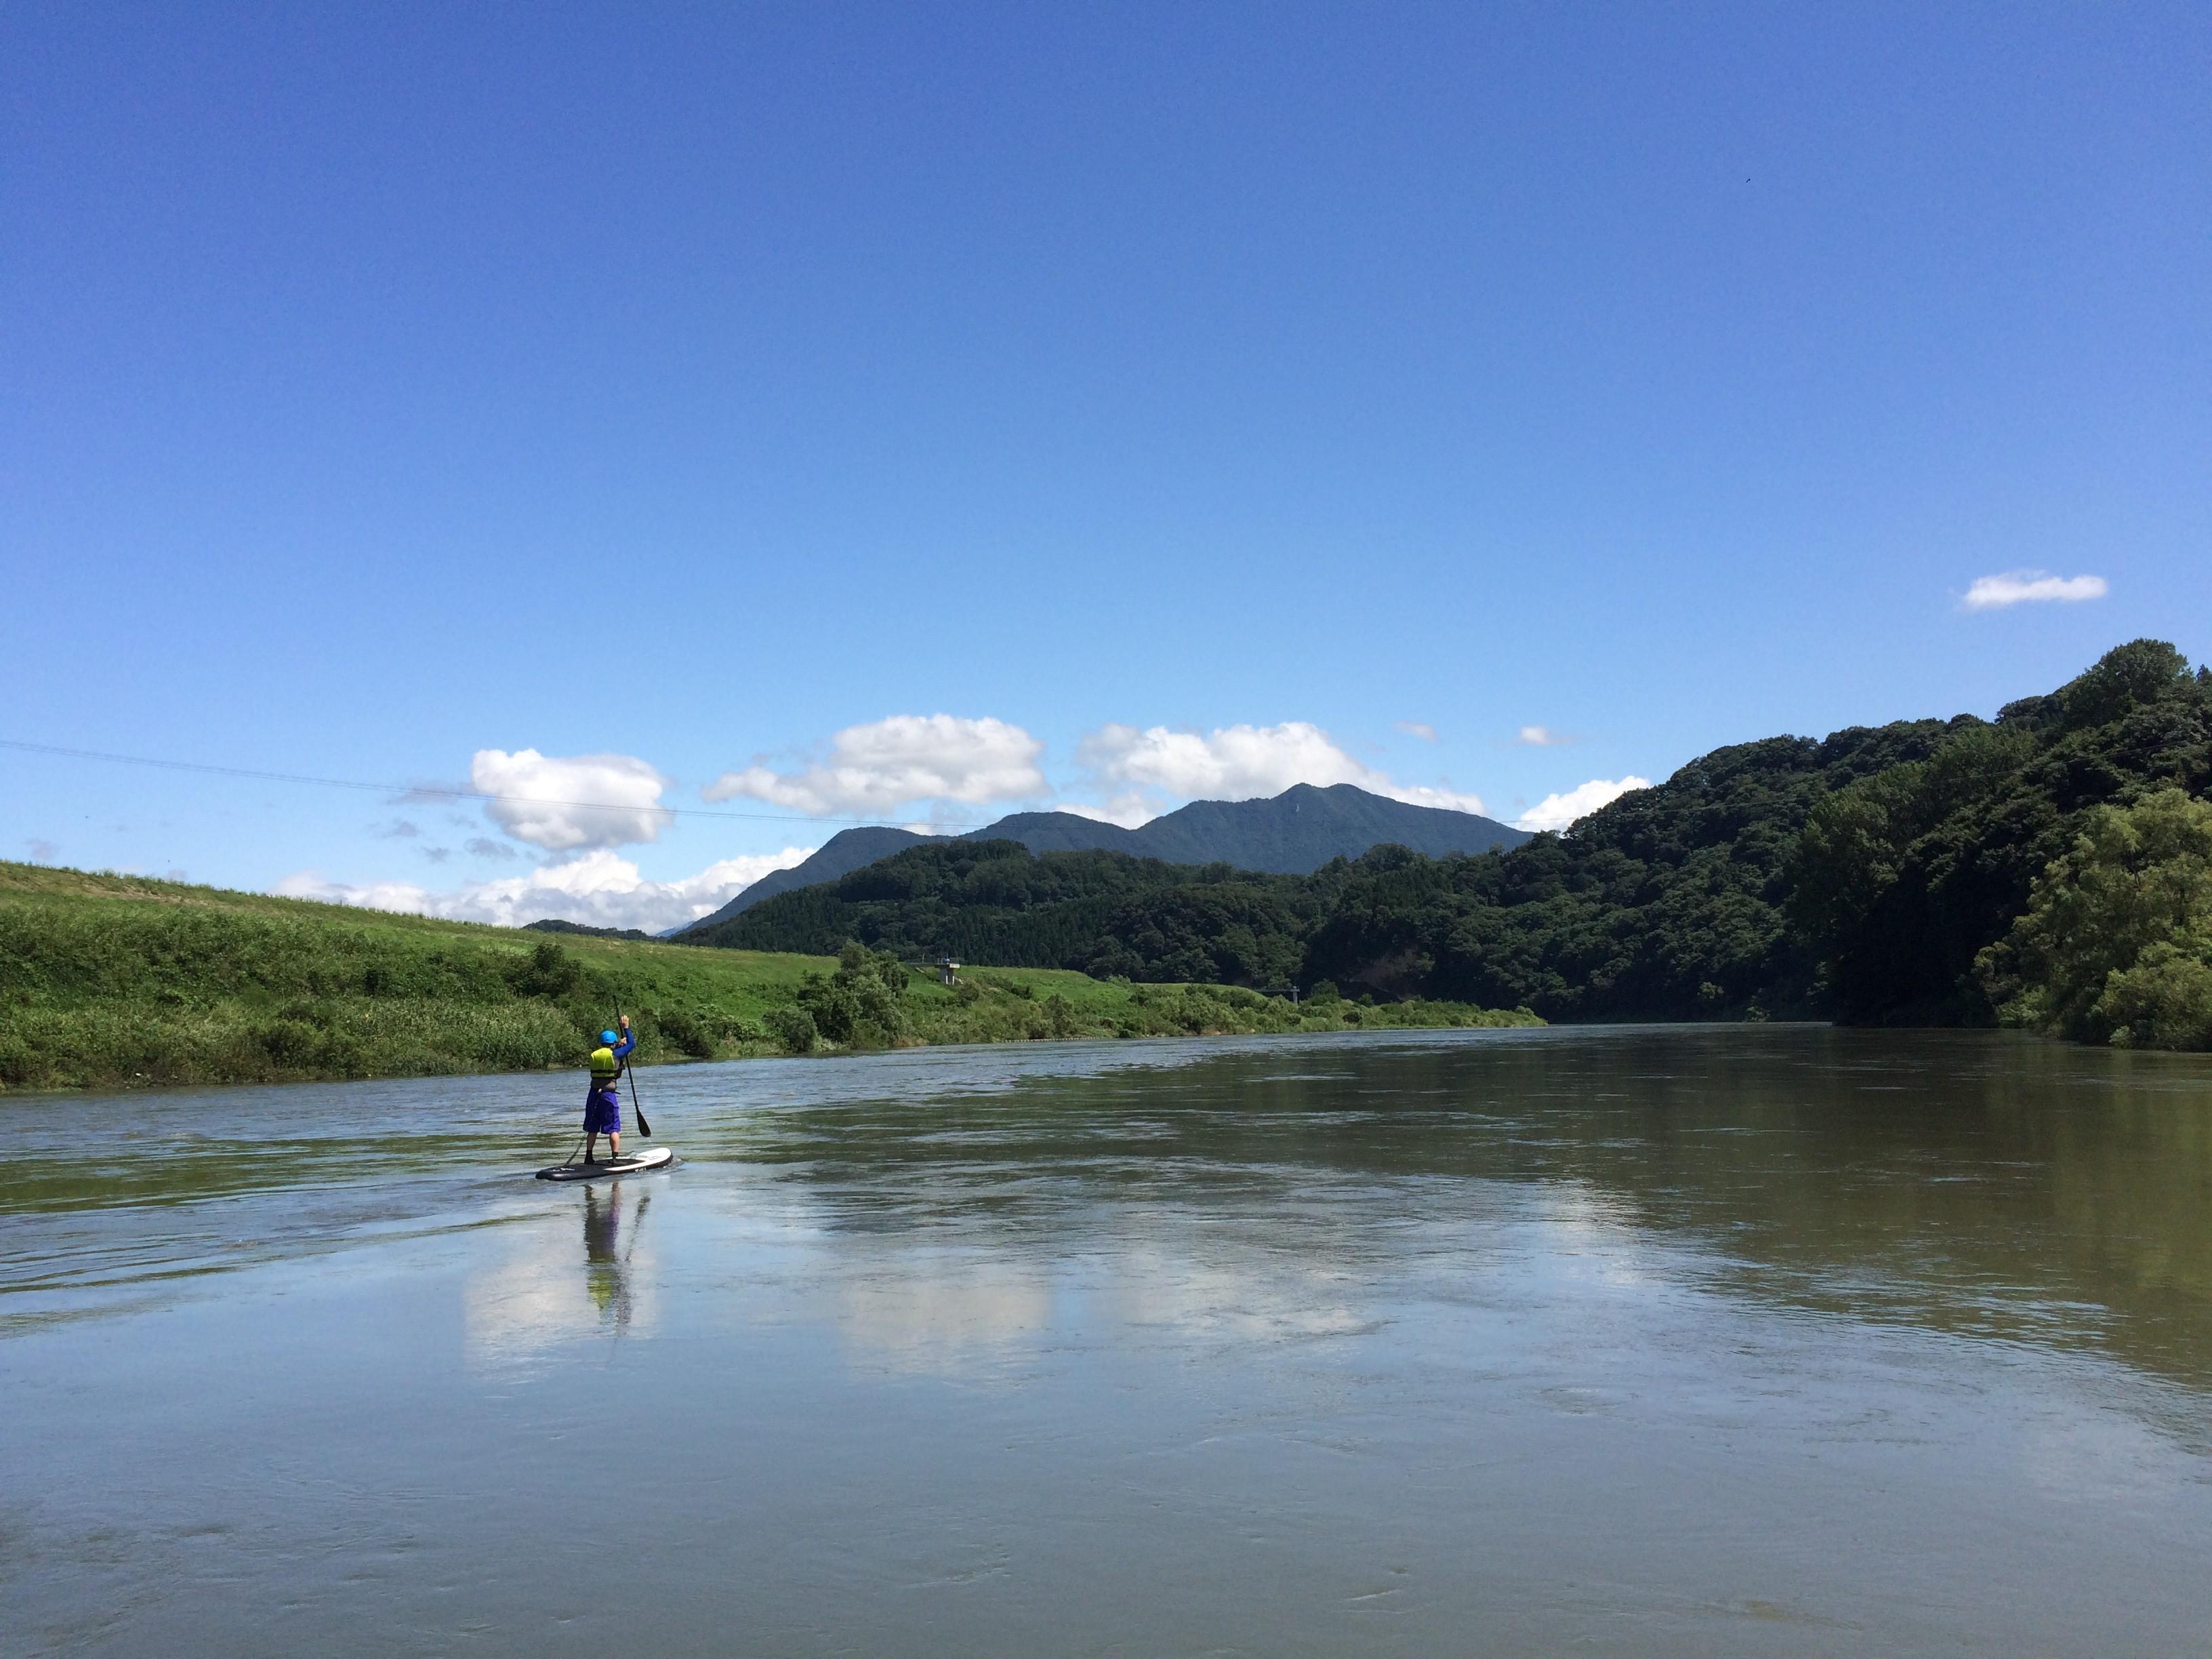 川幅の広い本流ではゆったりクルージングを楽しめる